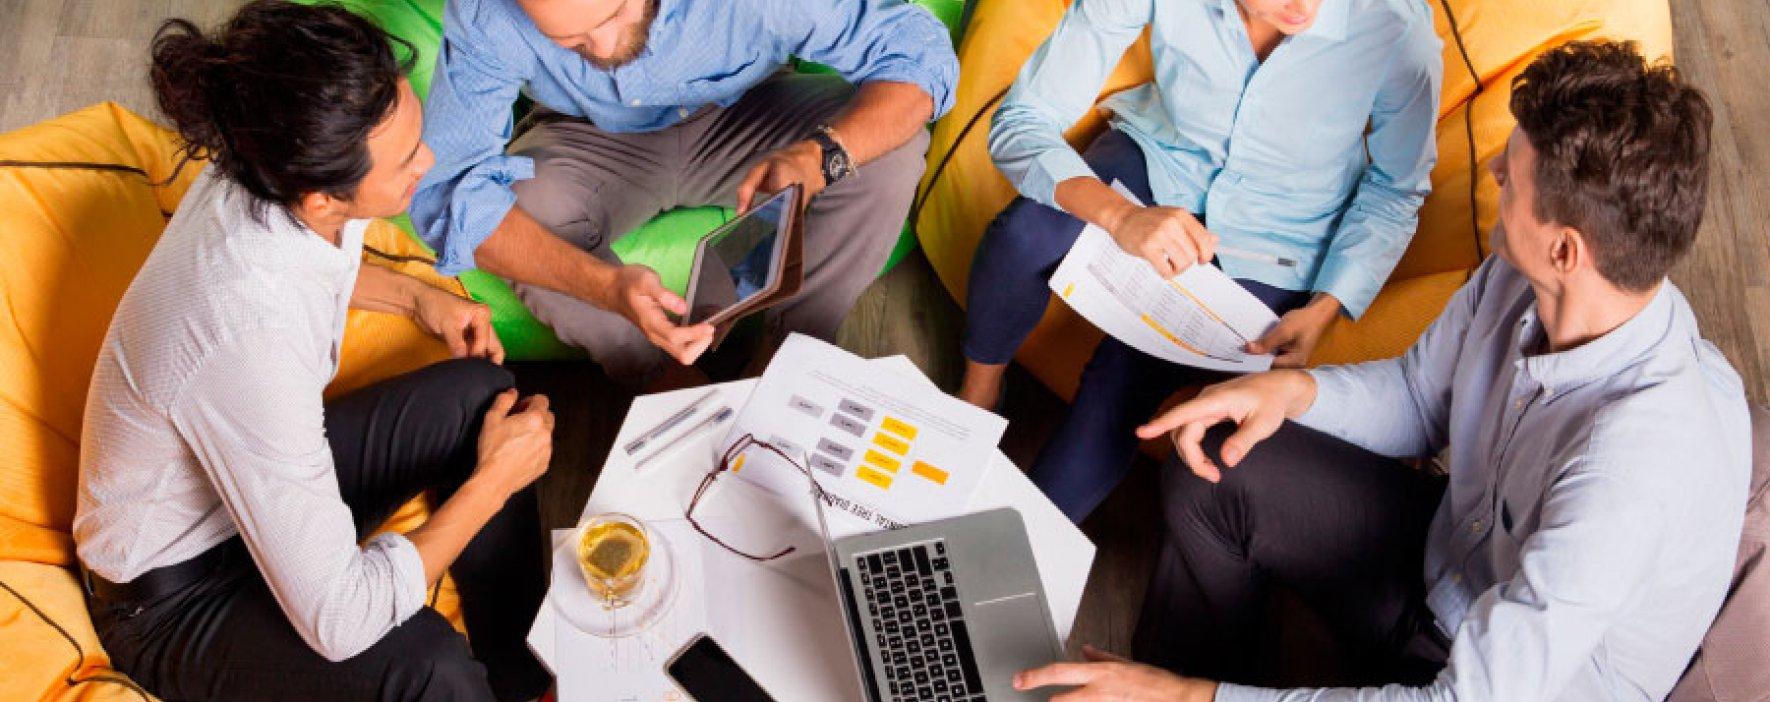 Fundación Compartir y Gimnasio Campestre lanzan curso virtual gratuito para educadores